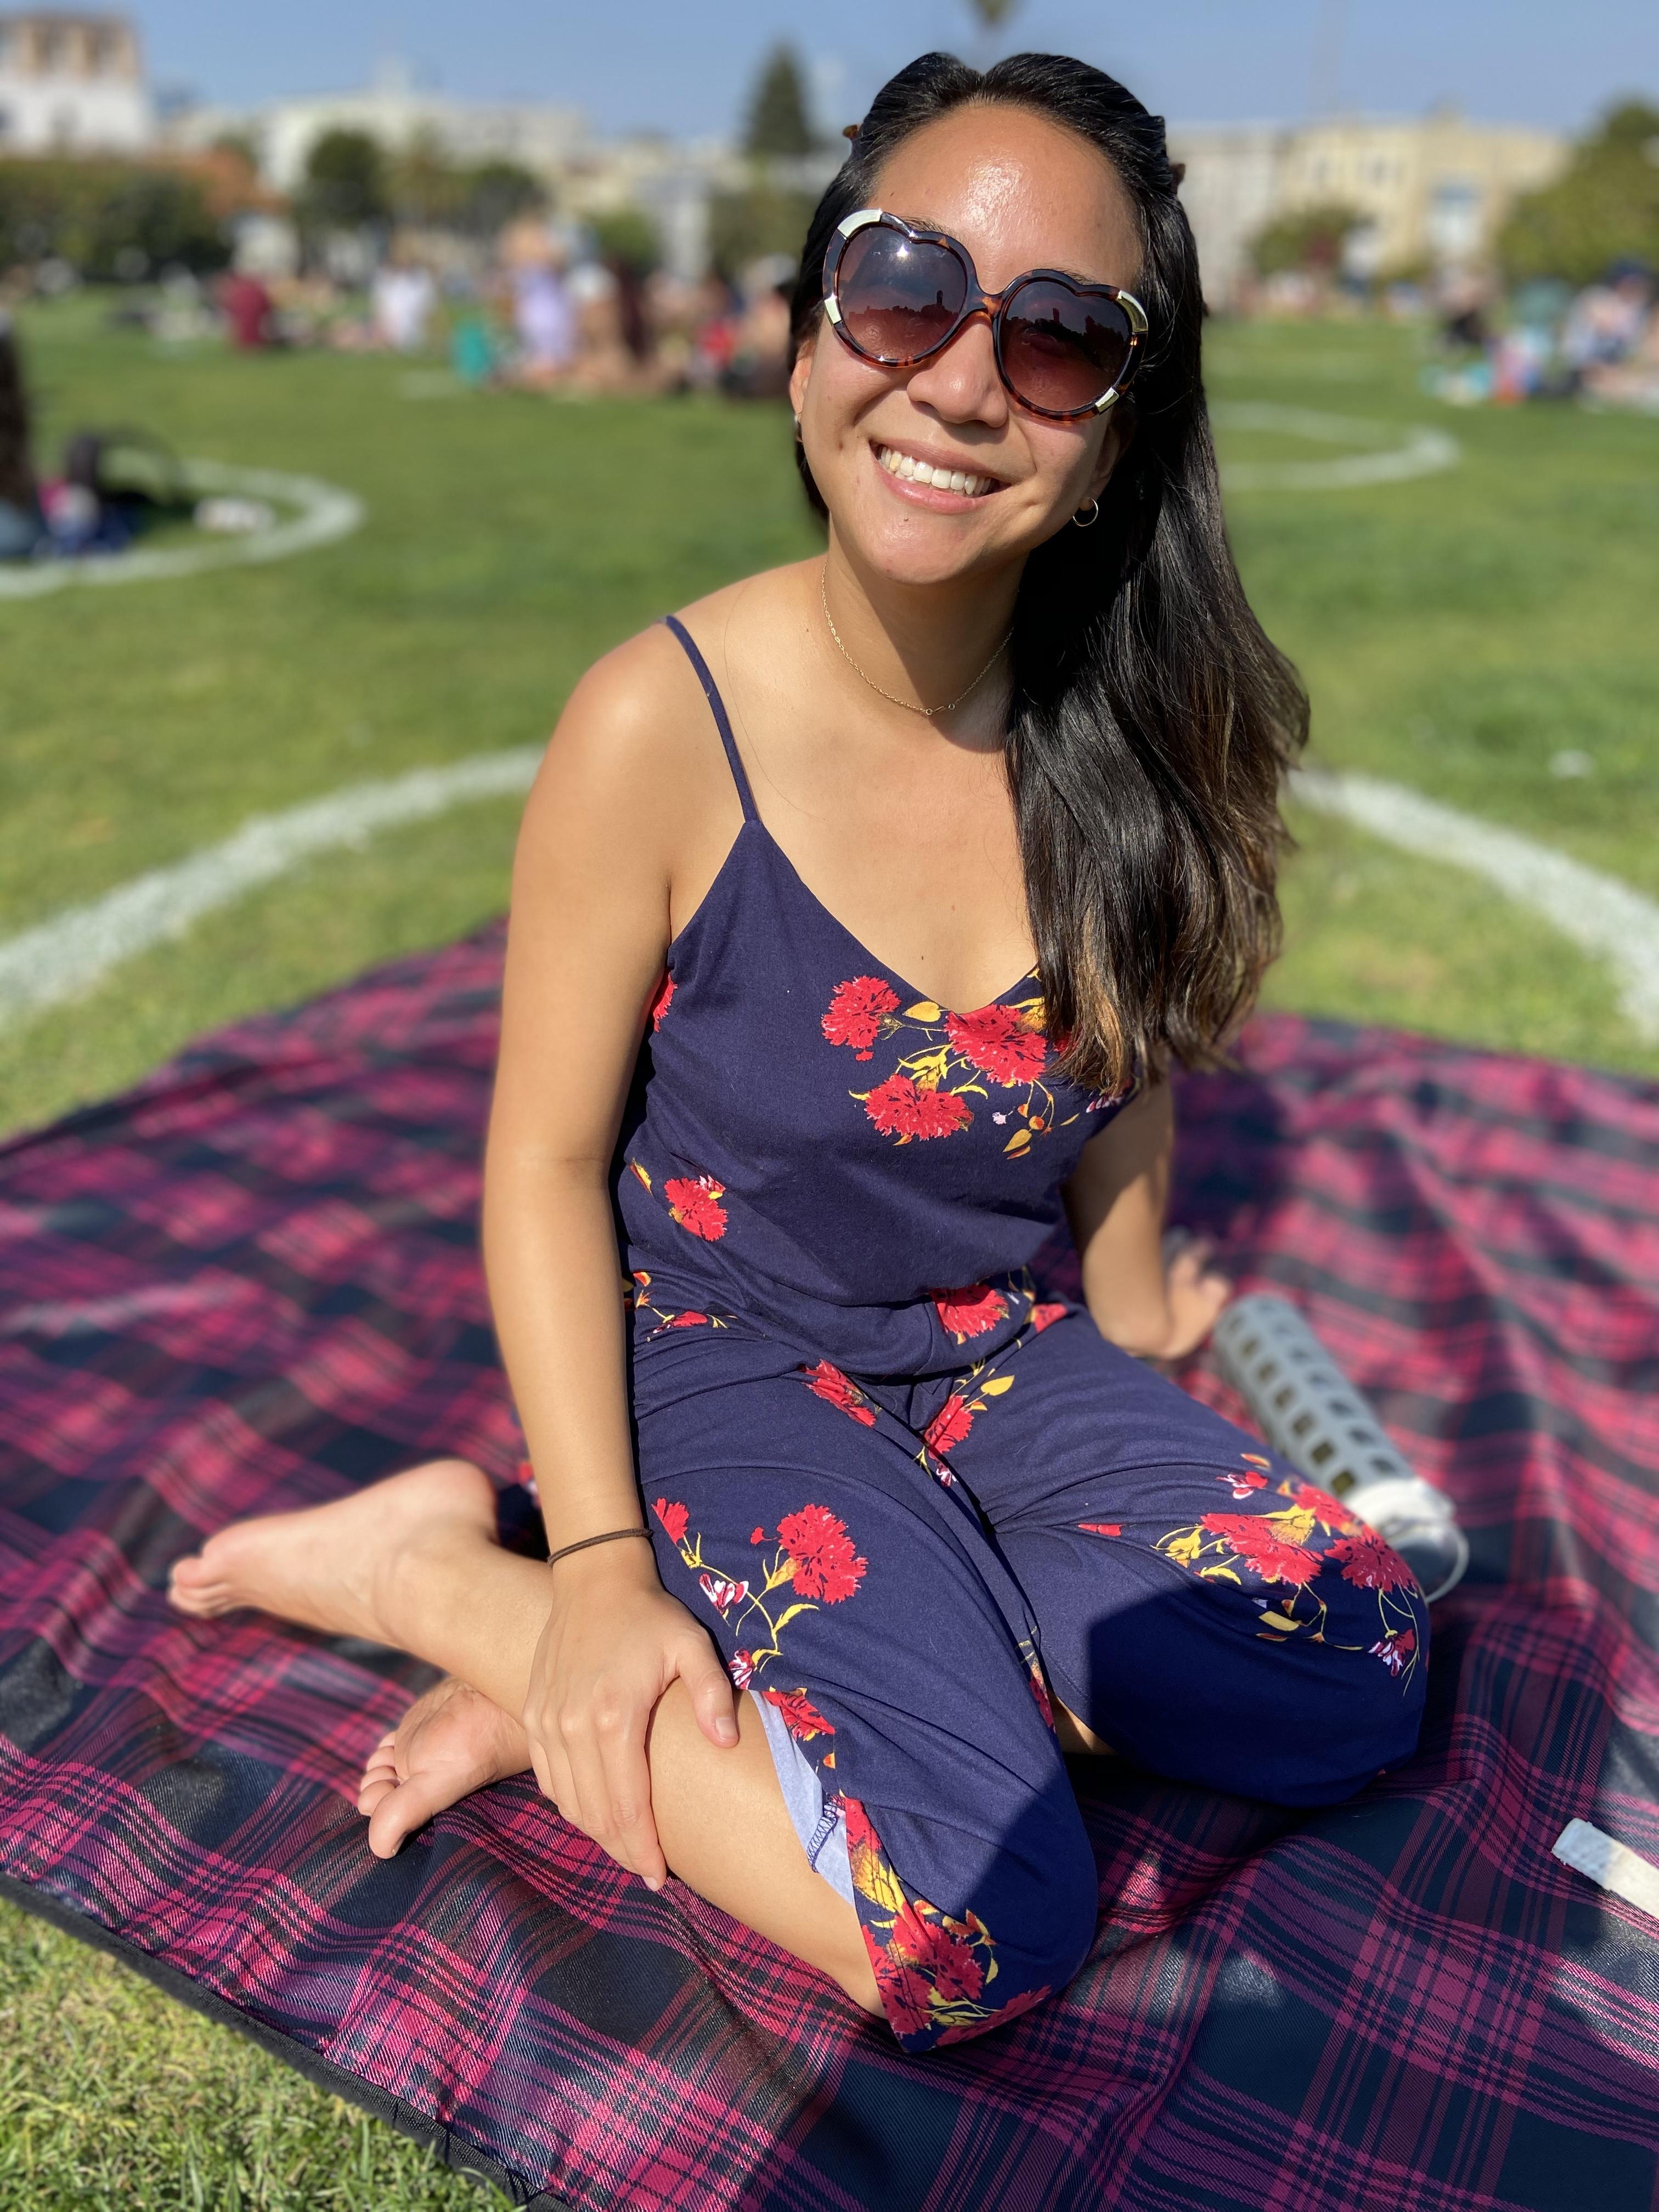 dolores park picnic